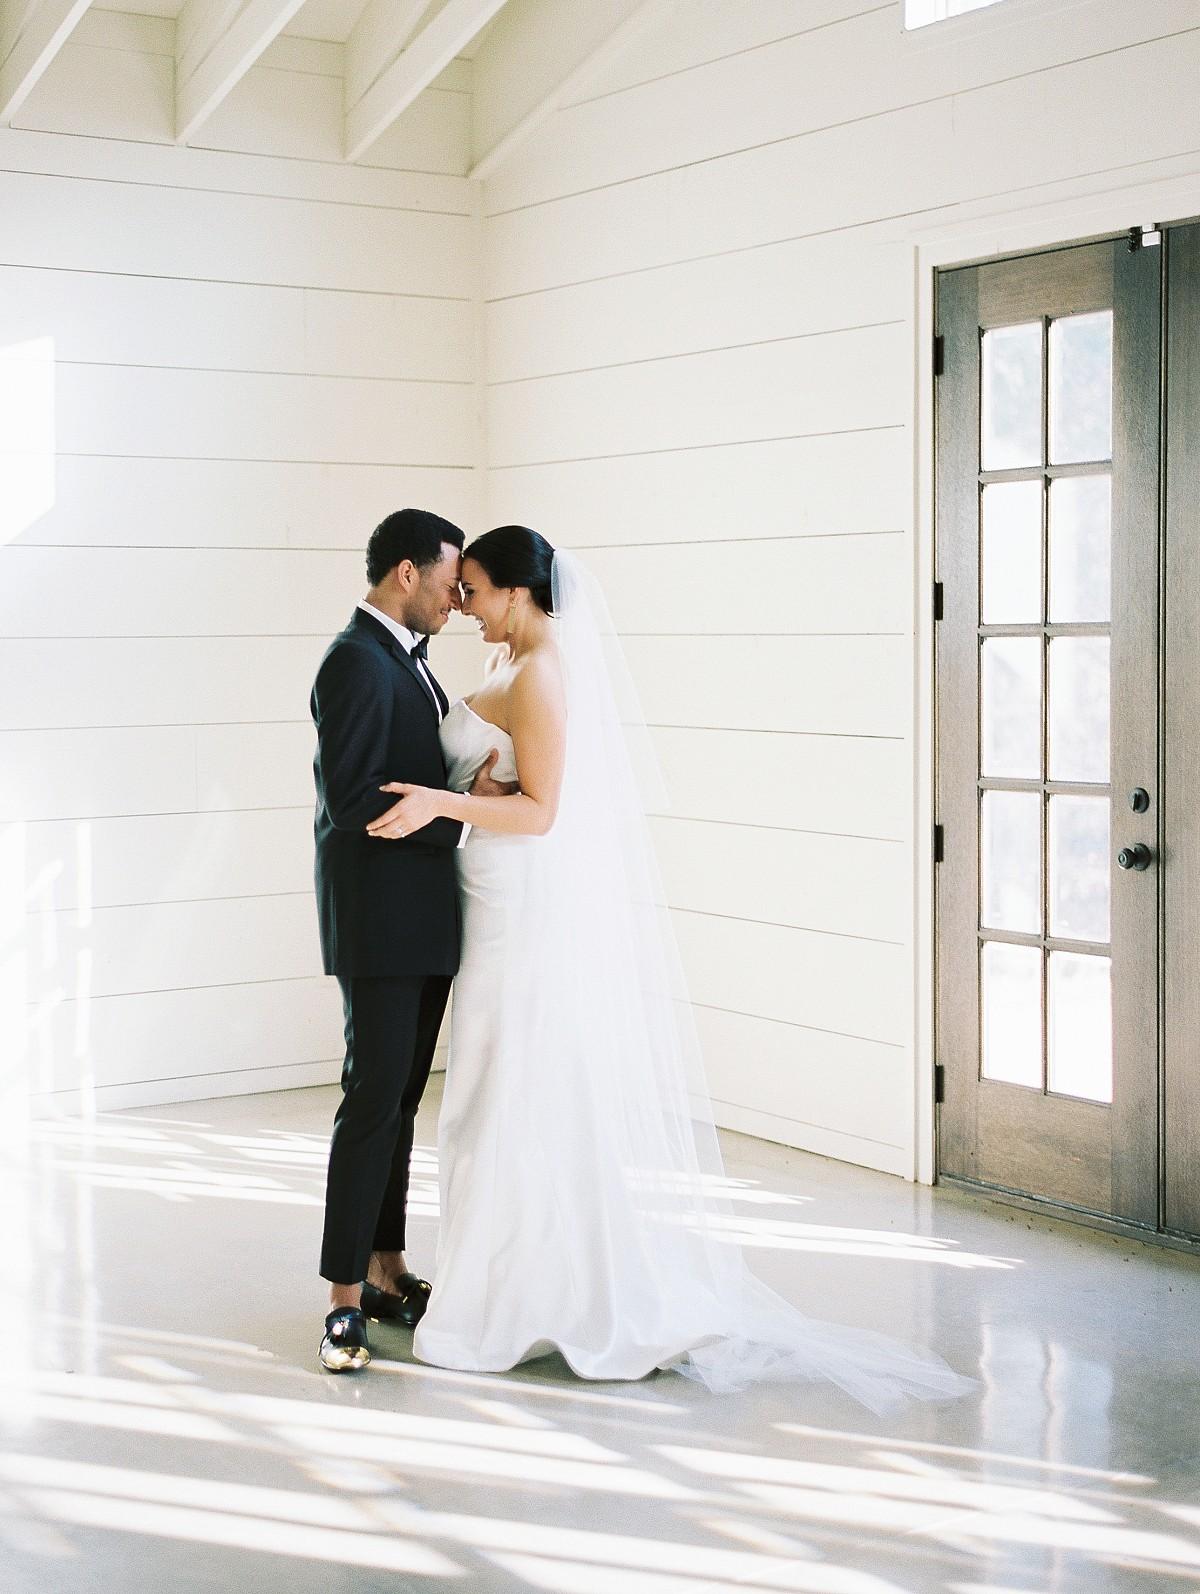 Earthy Modern Wedding Ideas in Monochrome